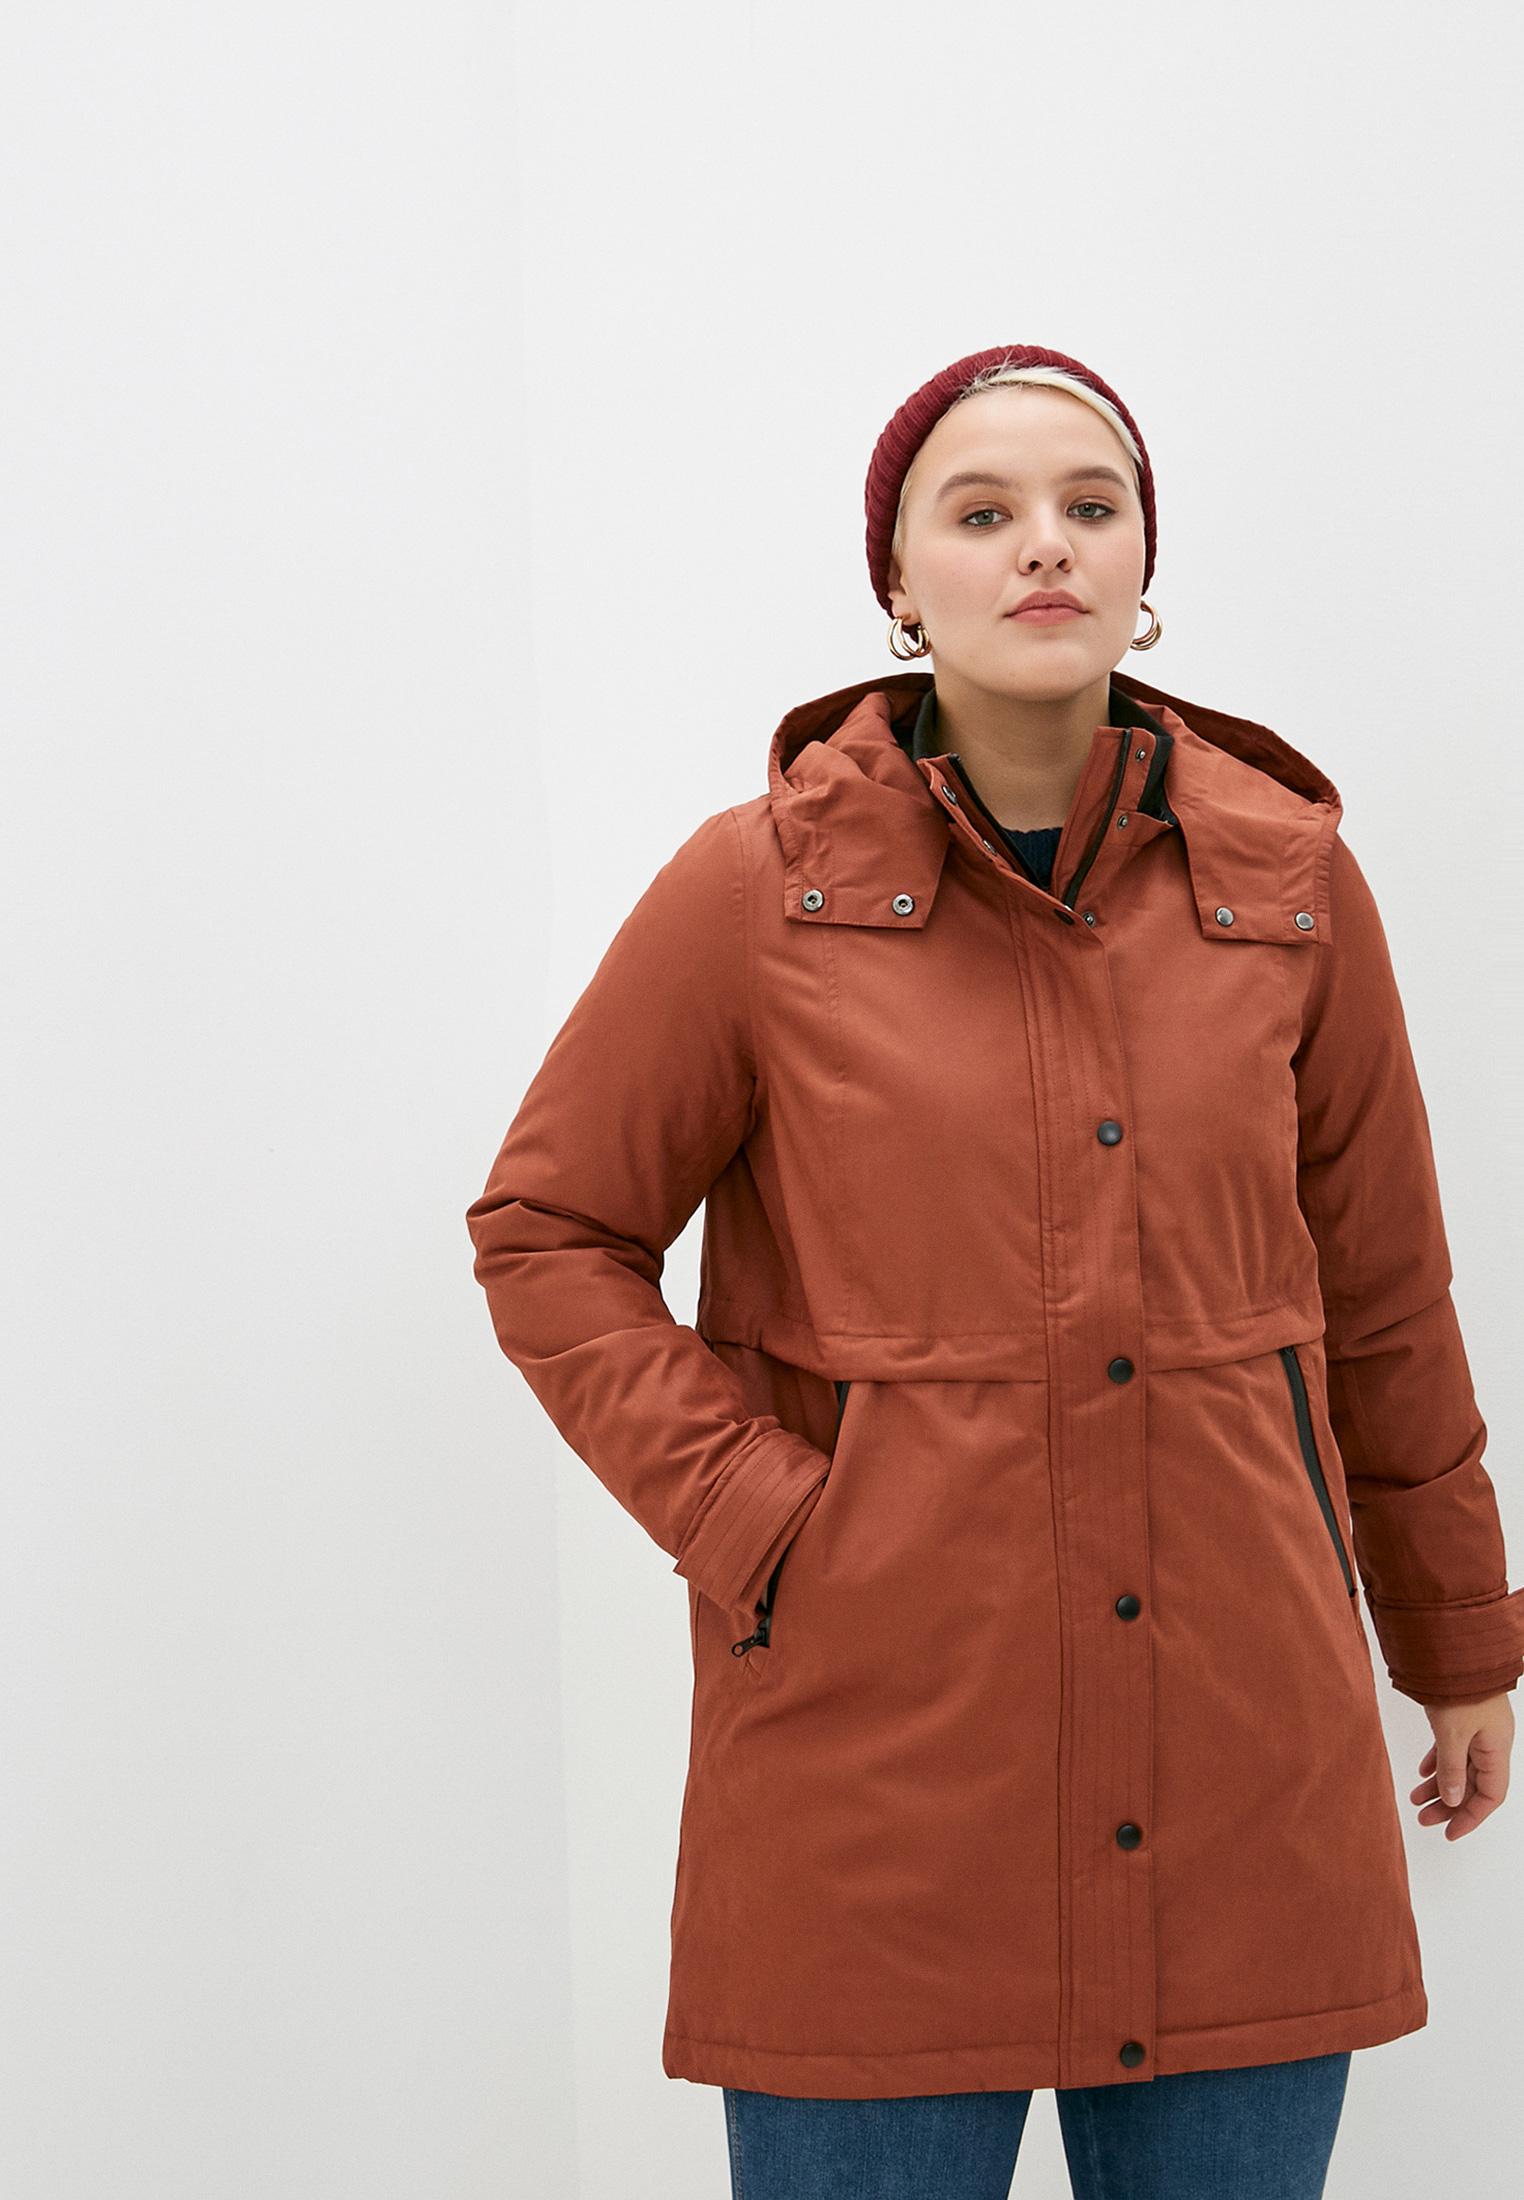 Утепленная куртка Zizzi Куртка утепленная Zizzi